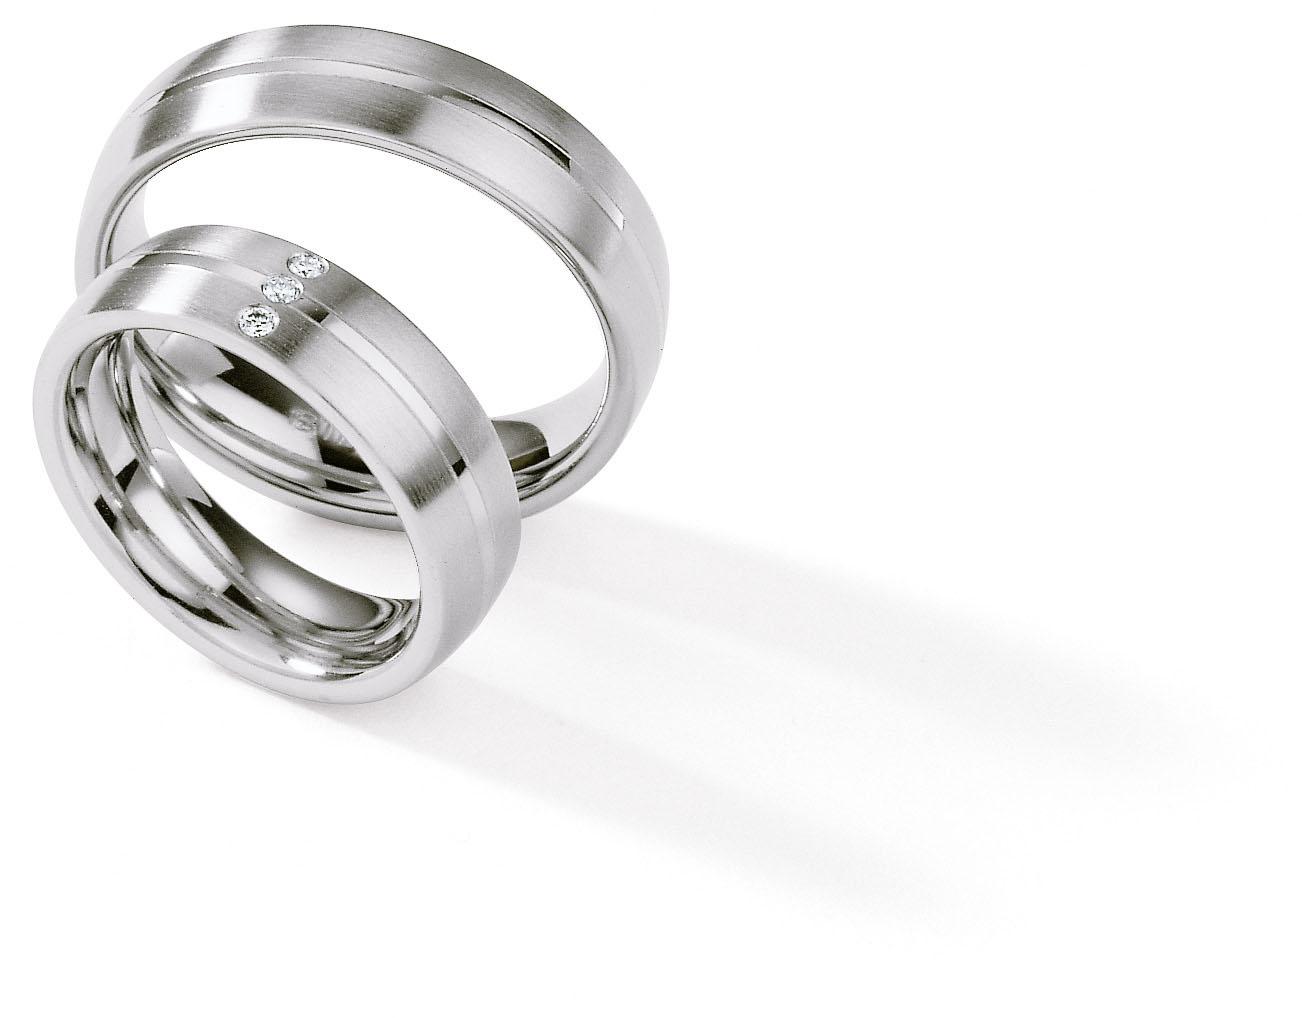 Steel Brilliance ST125 (Ruesch AT) - Obrázek č. 1